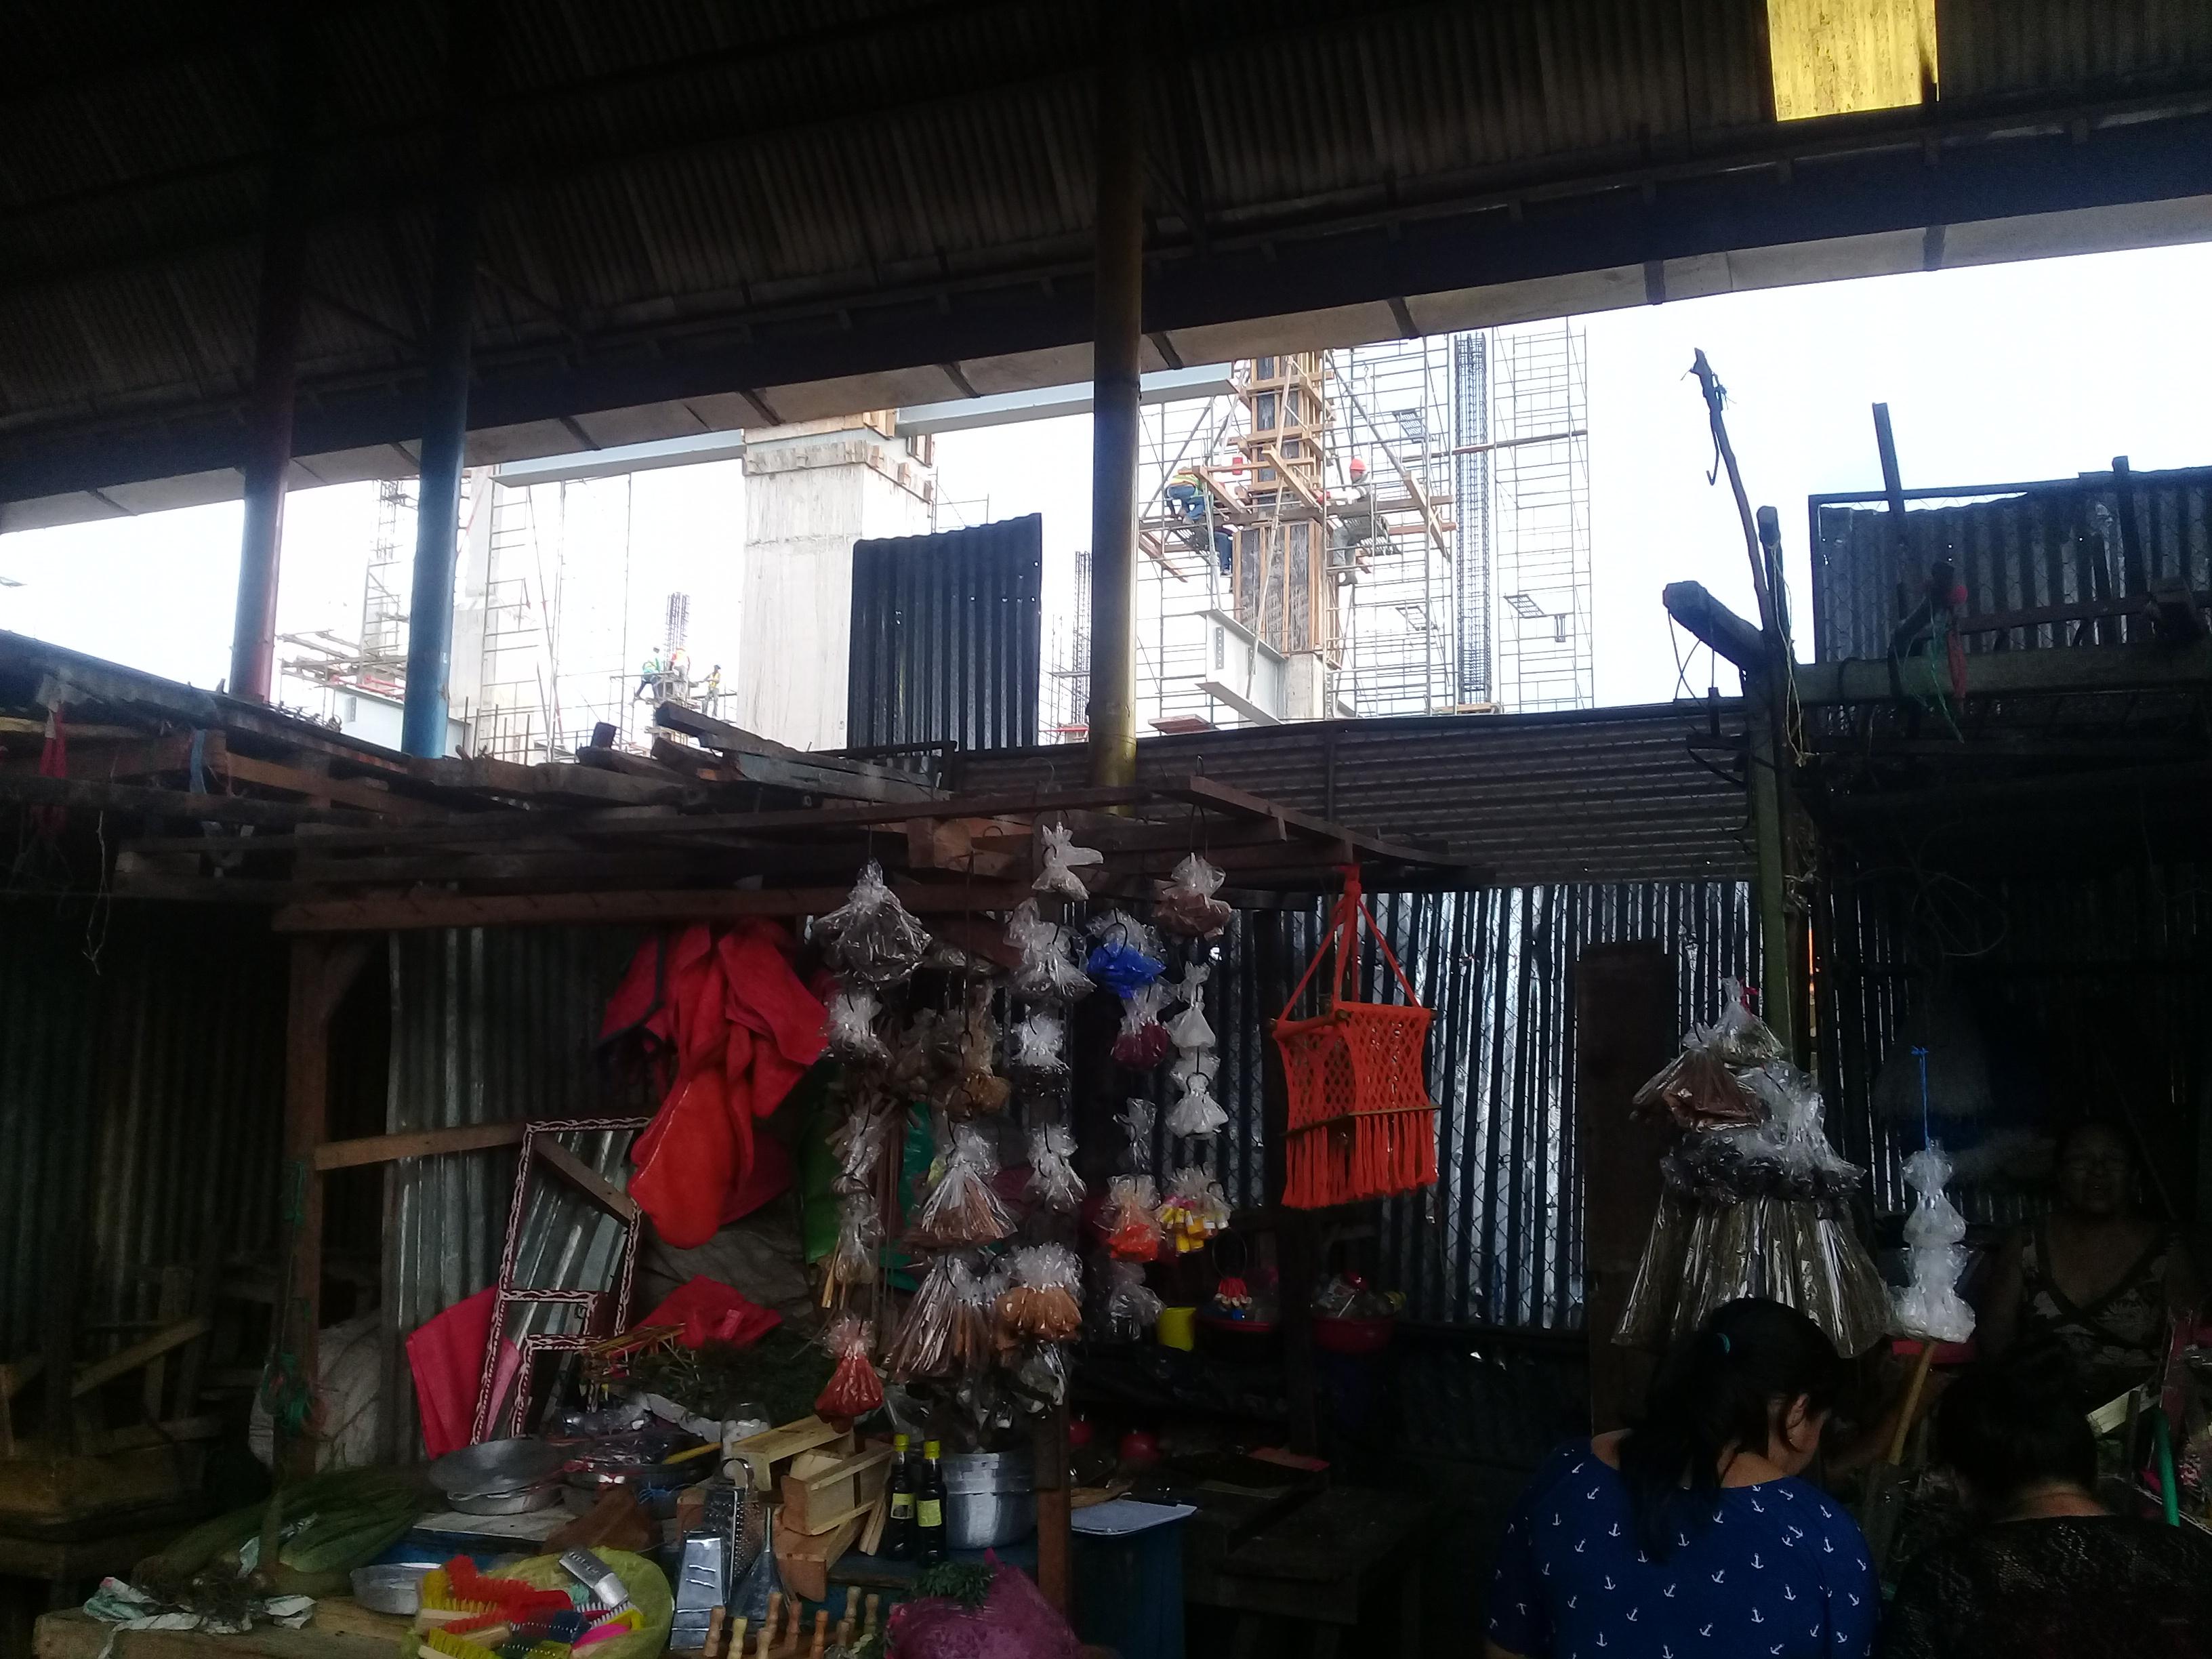 Nueva construcción en el mercado Oriental justo al lado del lugar donde inició el incendio. Foto: Art66